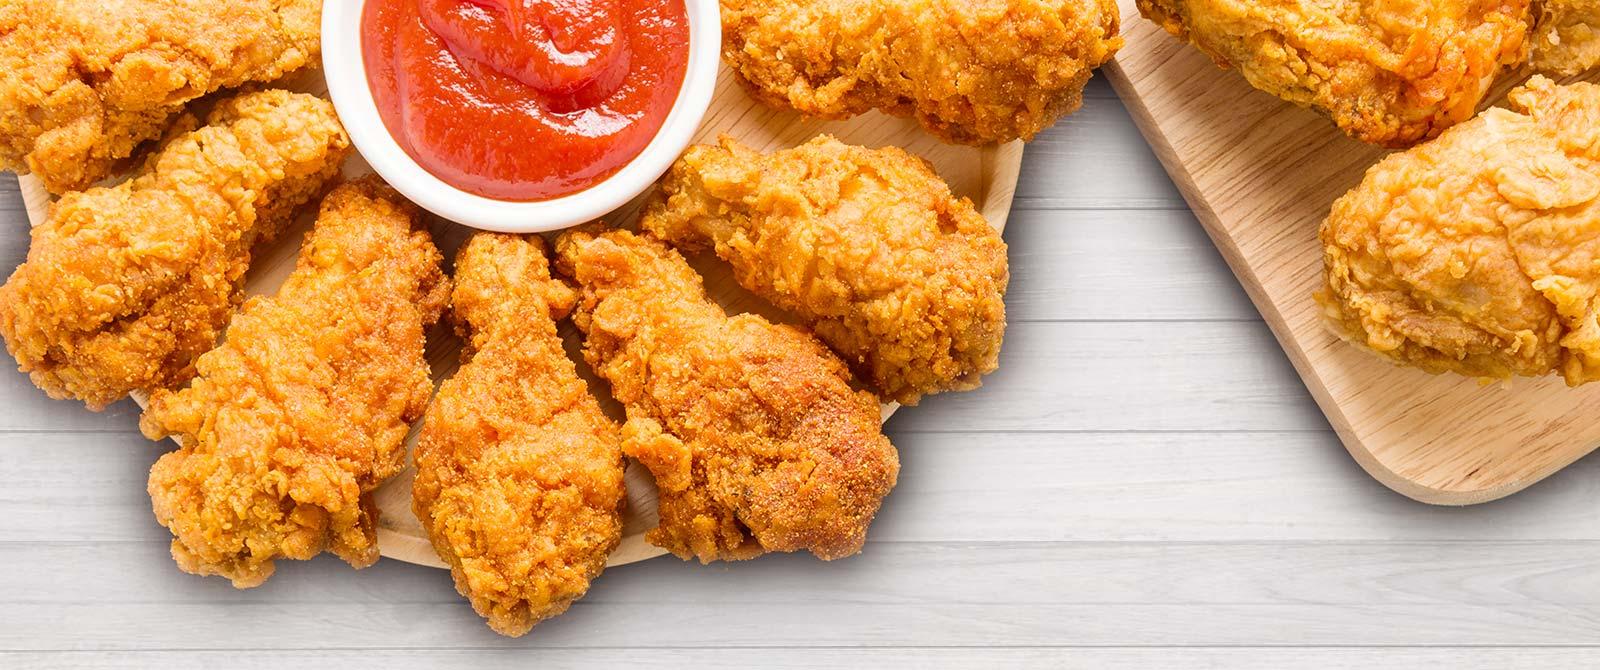 Fast Food Wings